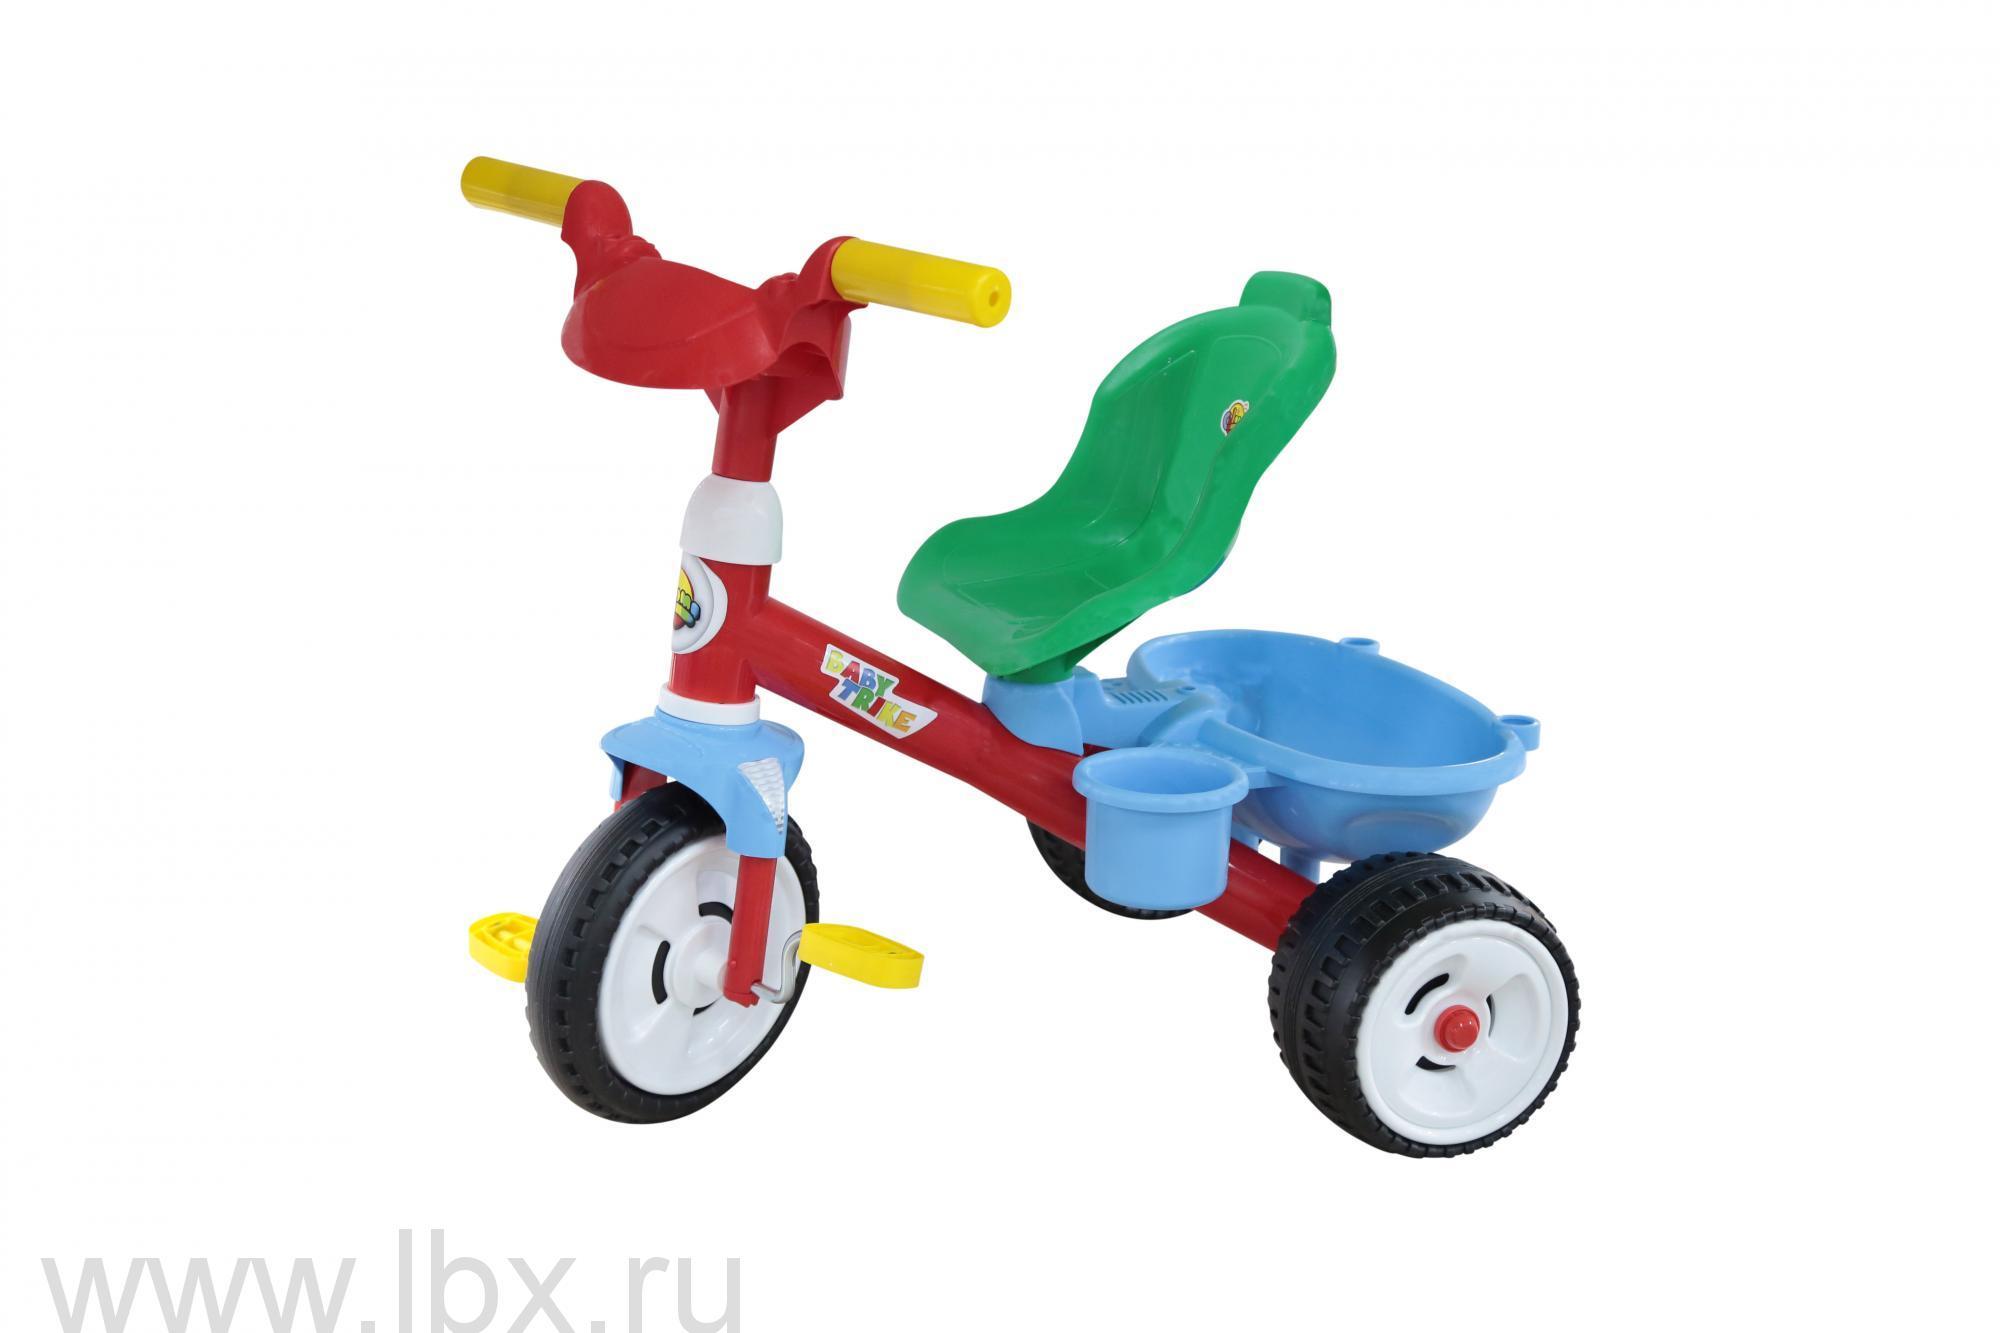 Велосипед 3-х колёсный `Беби Трайк` Полесье